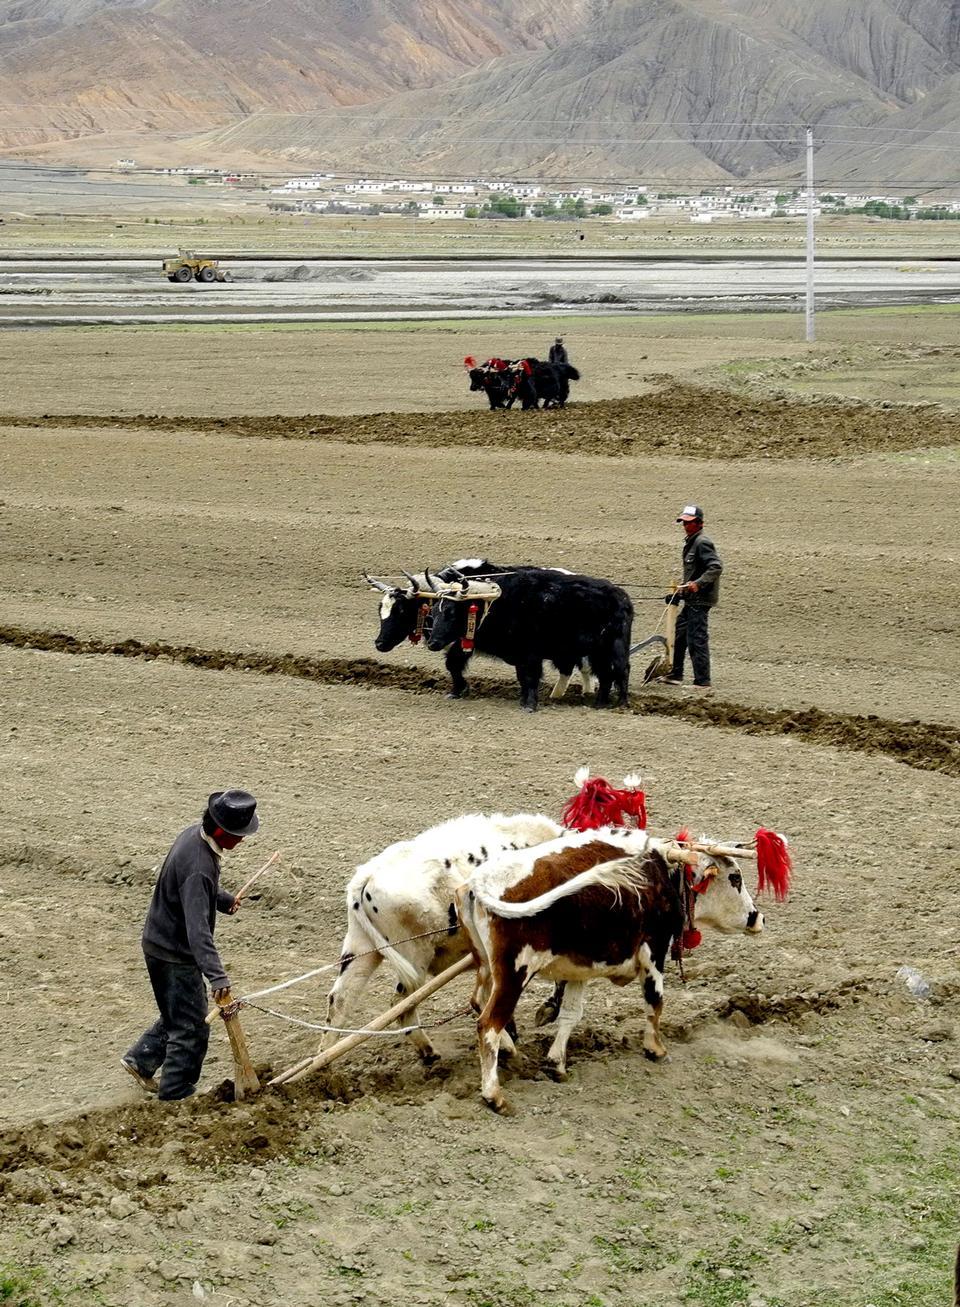 西藏农牧民用犁在农田牦牛草案